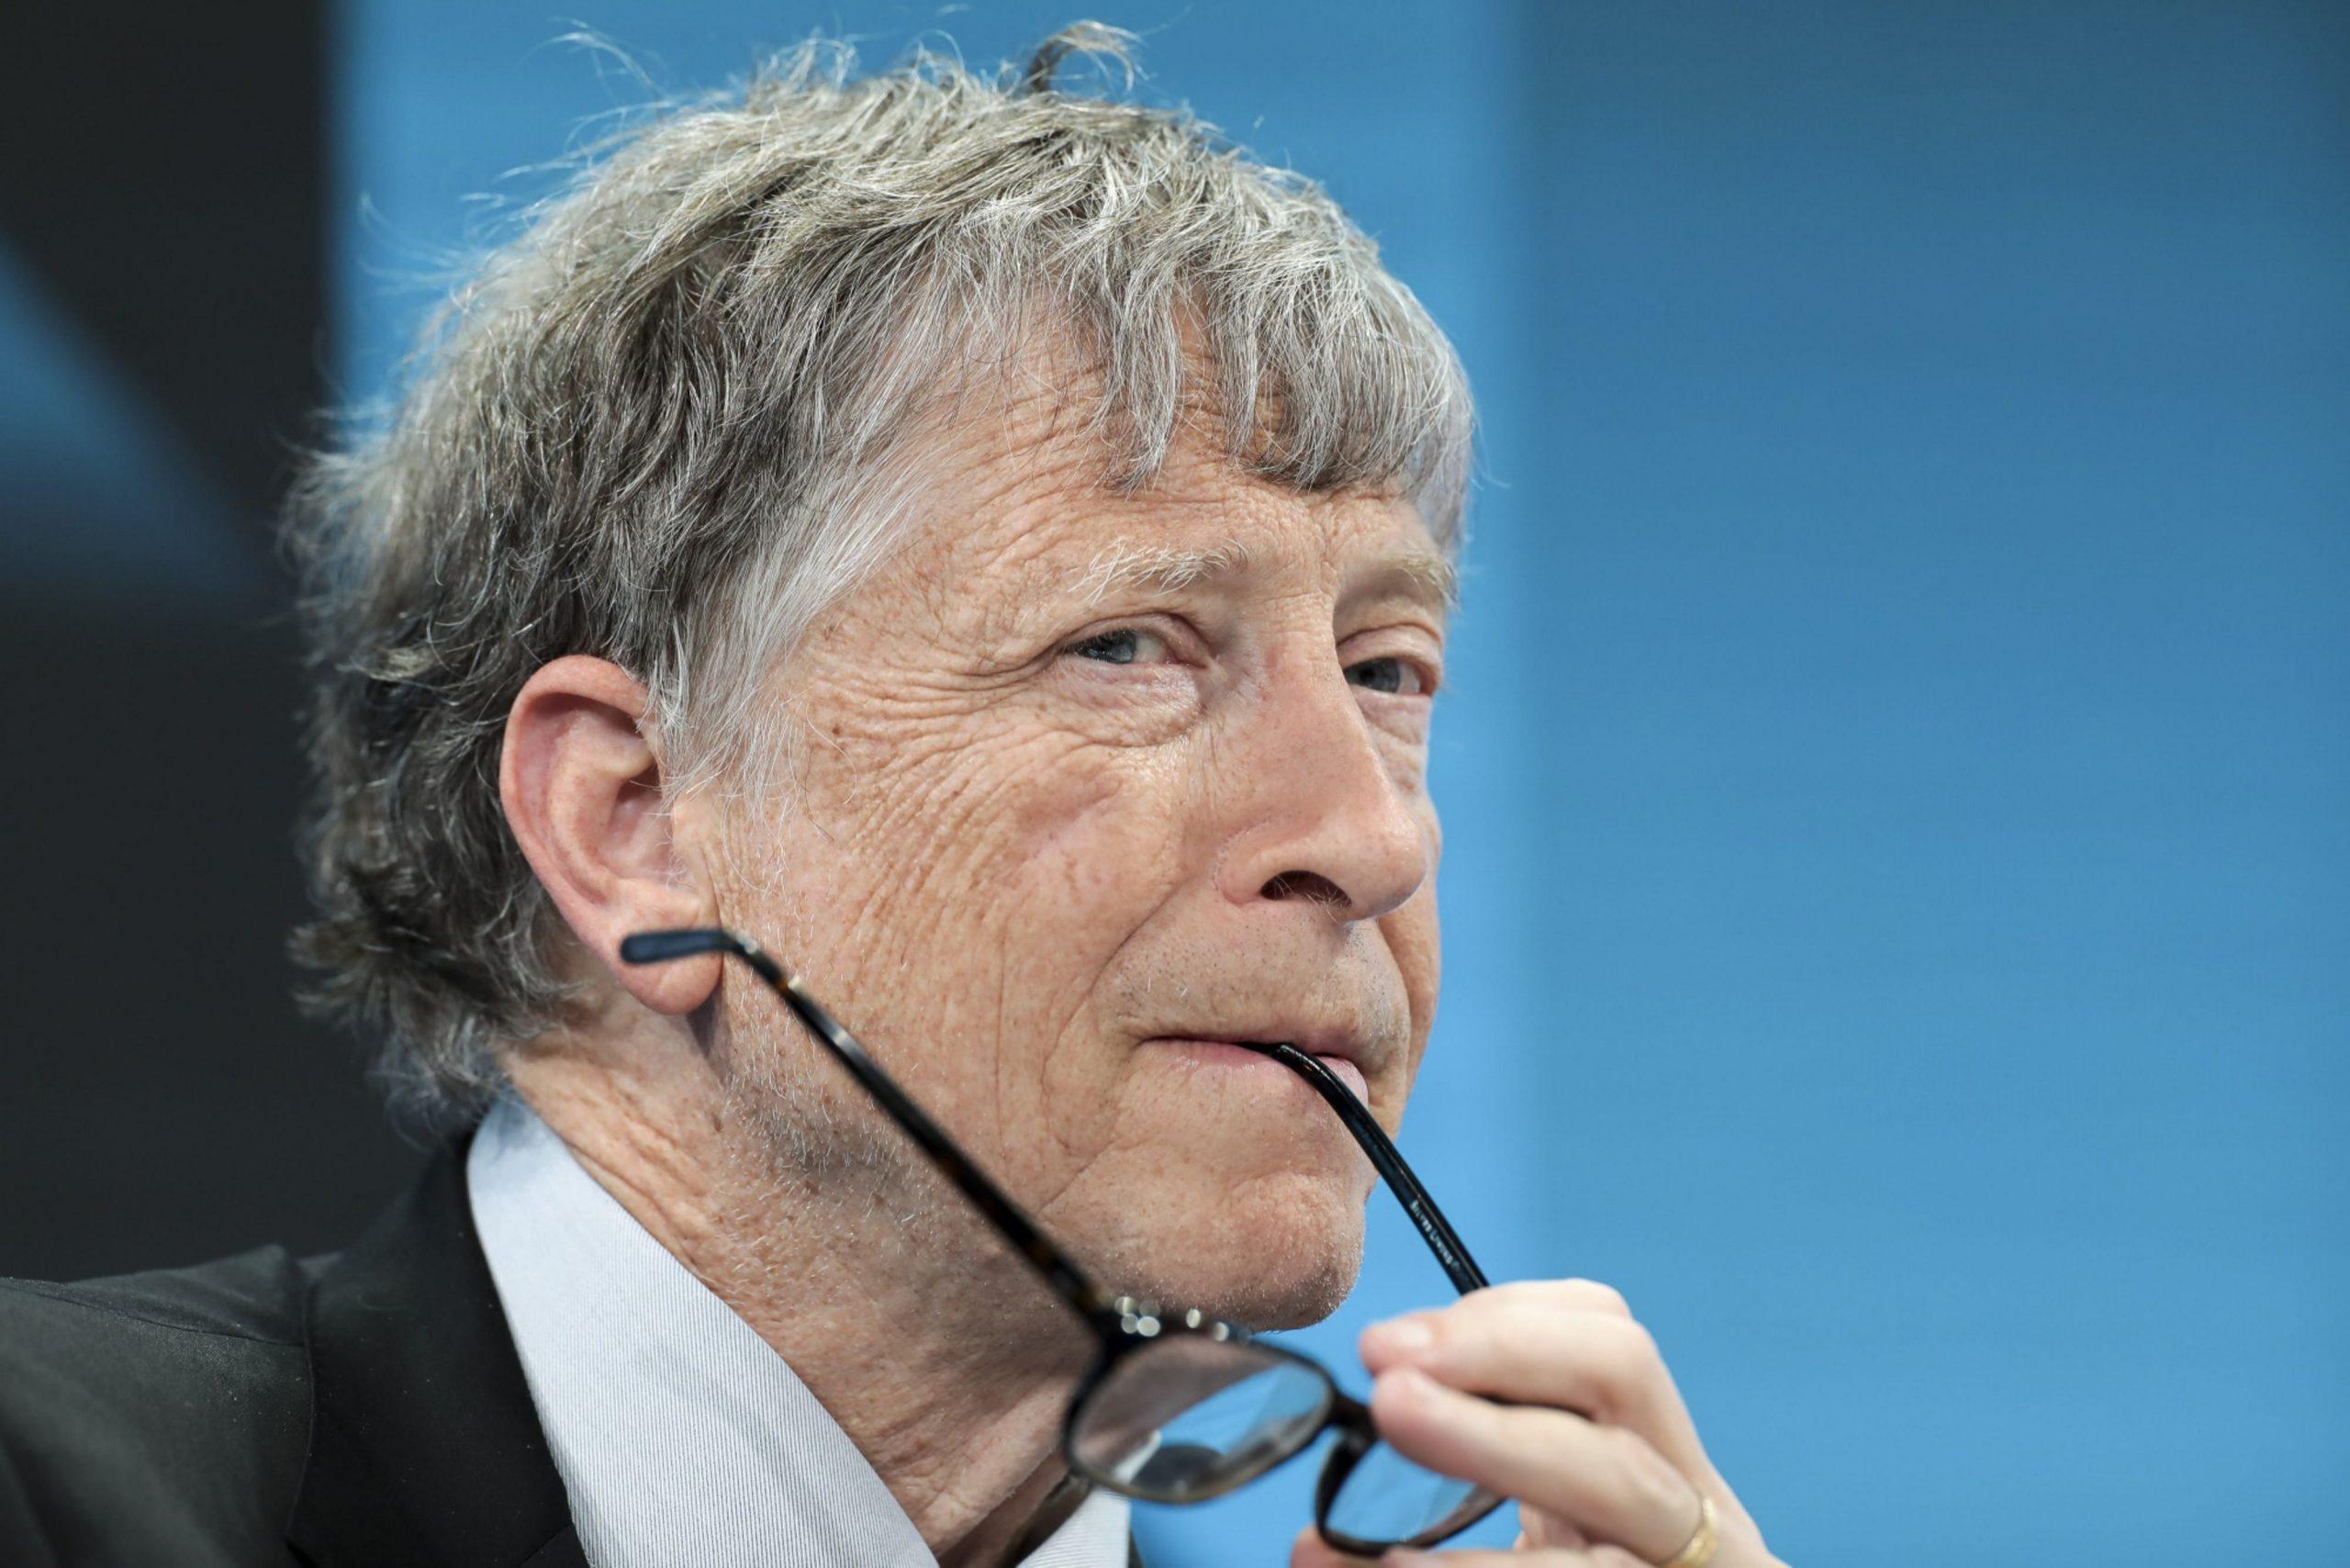 Bloomberg: Bill Gates bị buộc phải rời Microsoft vì có quan hệ thân mật với 1 nhân viên nữ...